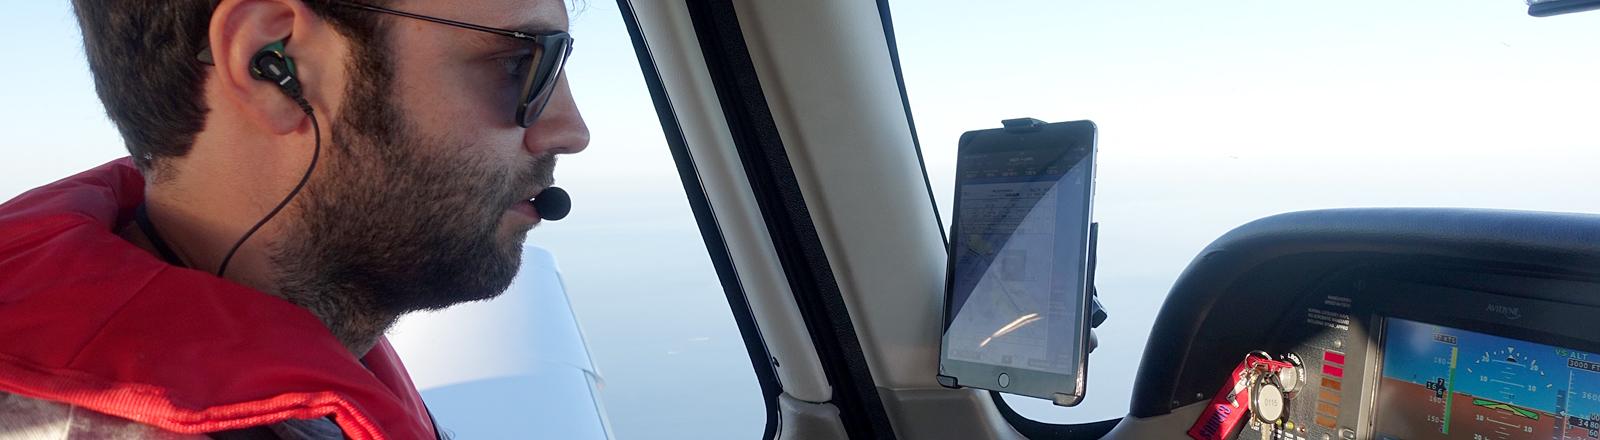 Mann in einem Cockpit